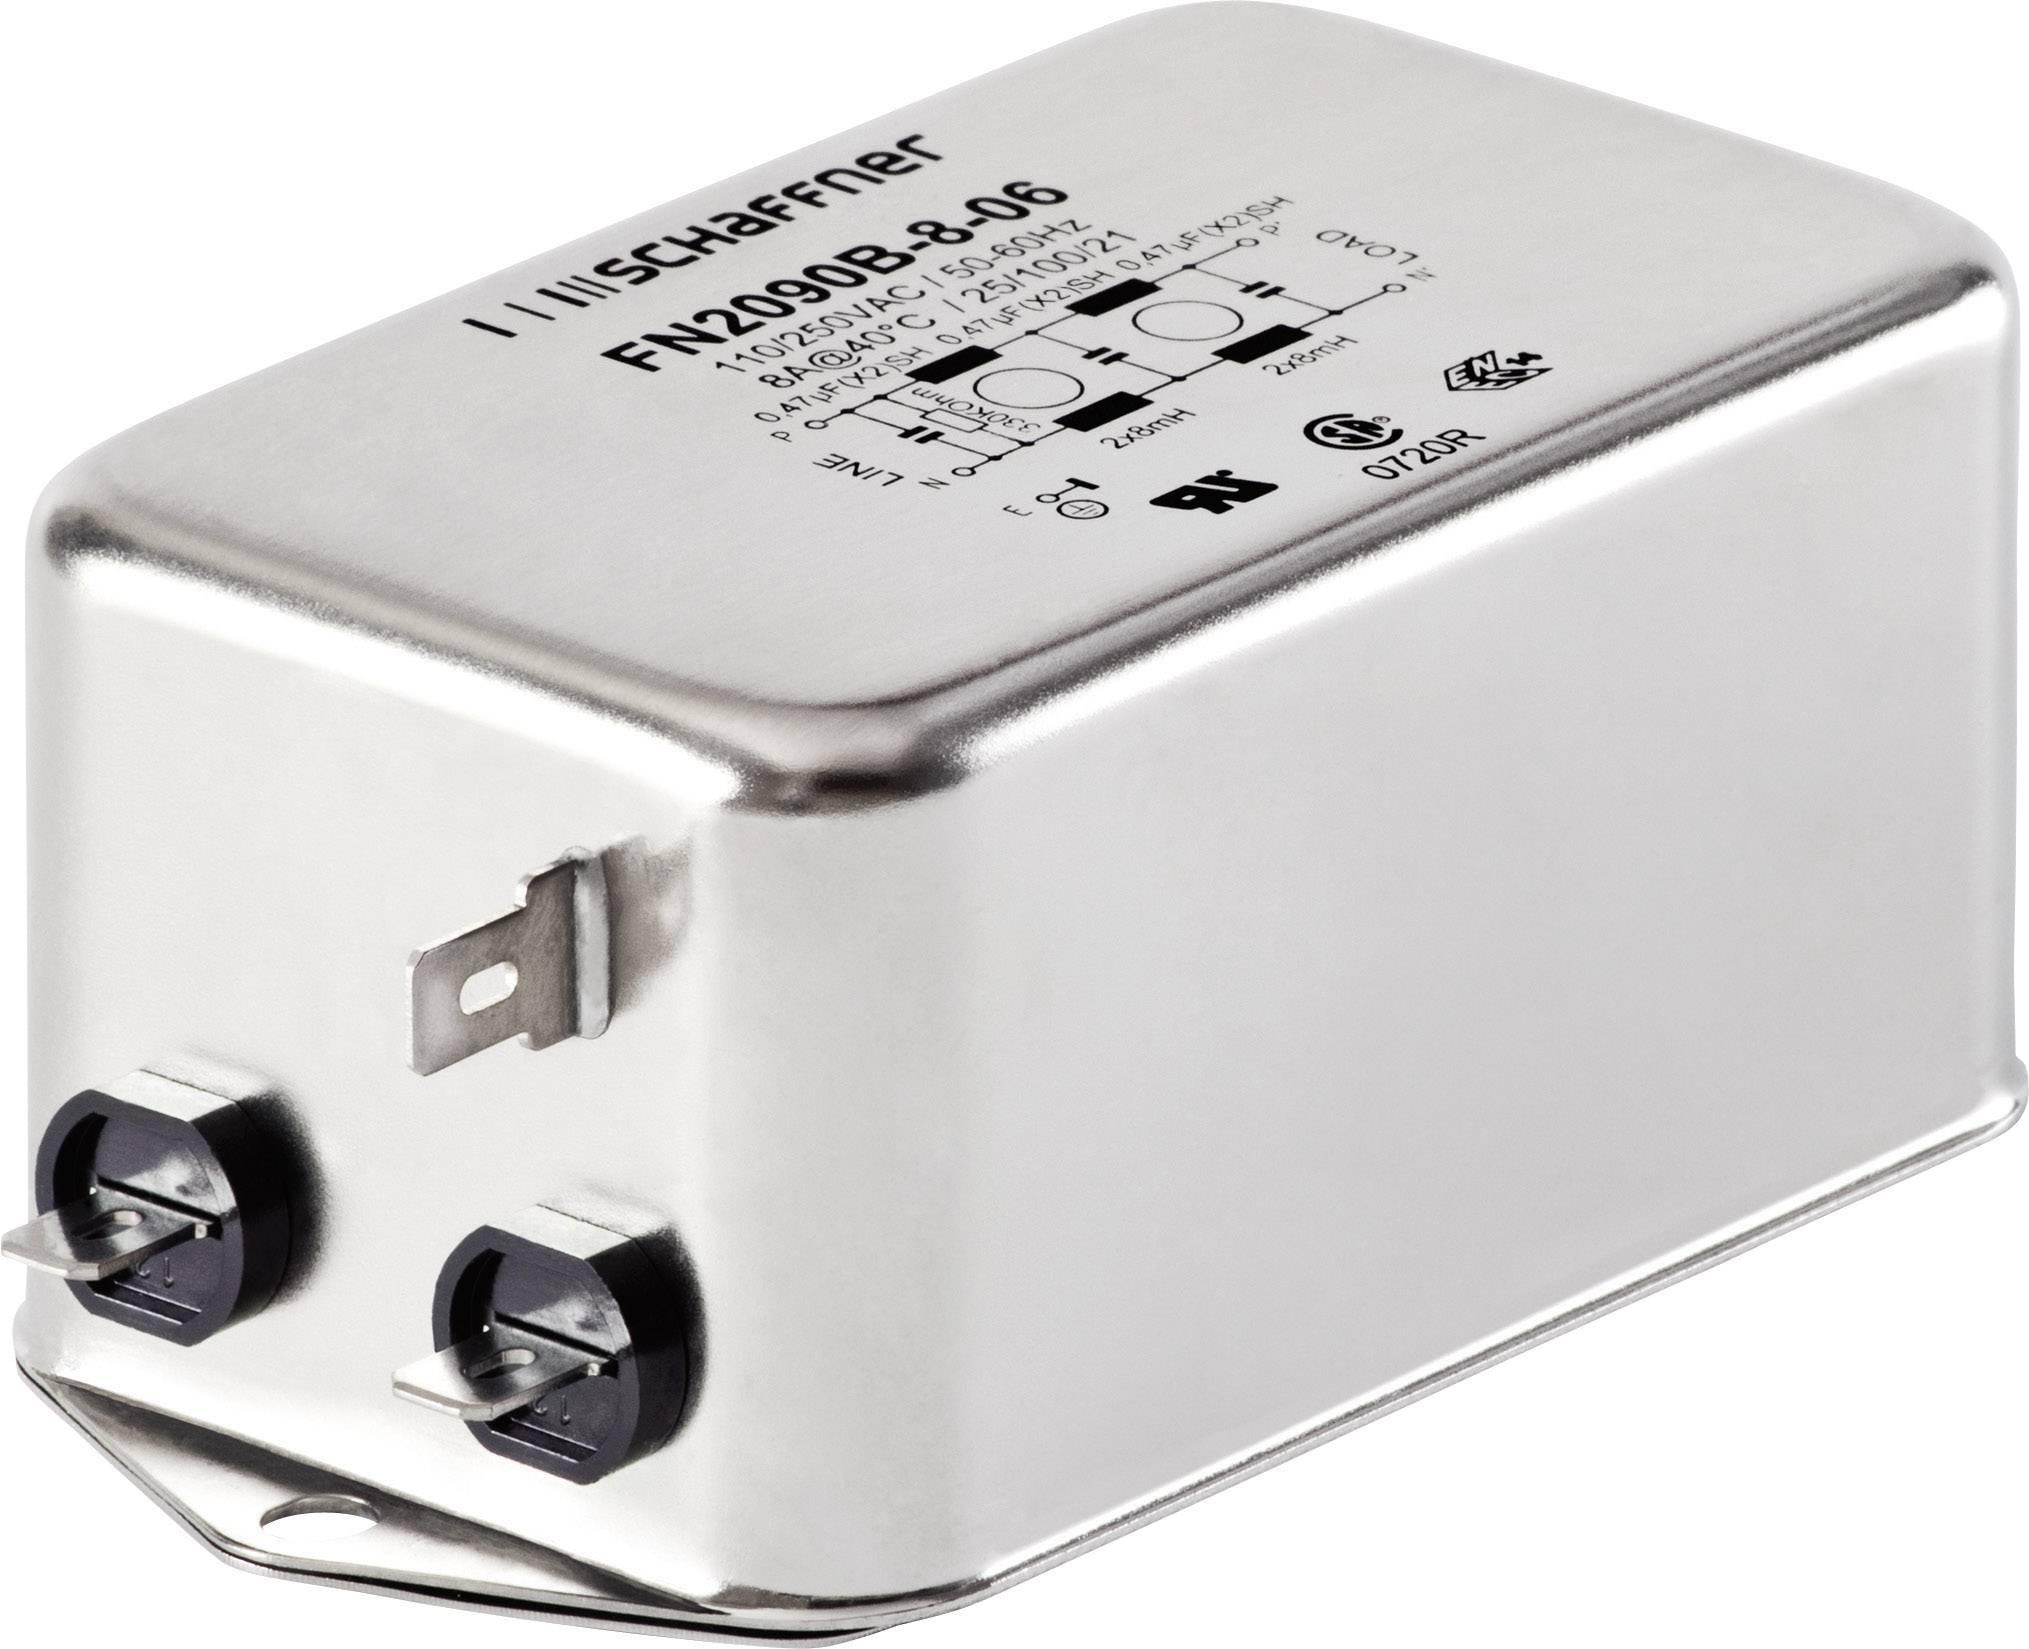 Odrušovací filter Schaffner FN2090-1-06 FN2090-1-06, 250 V/AC, 1 A, 20 mH, (d x š x v) 71 x 46.6 x 22.3 mm, 1 ks